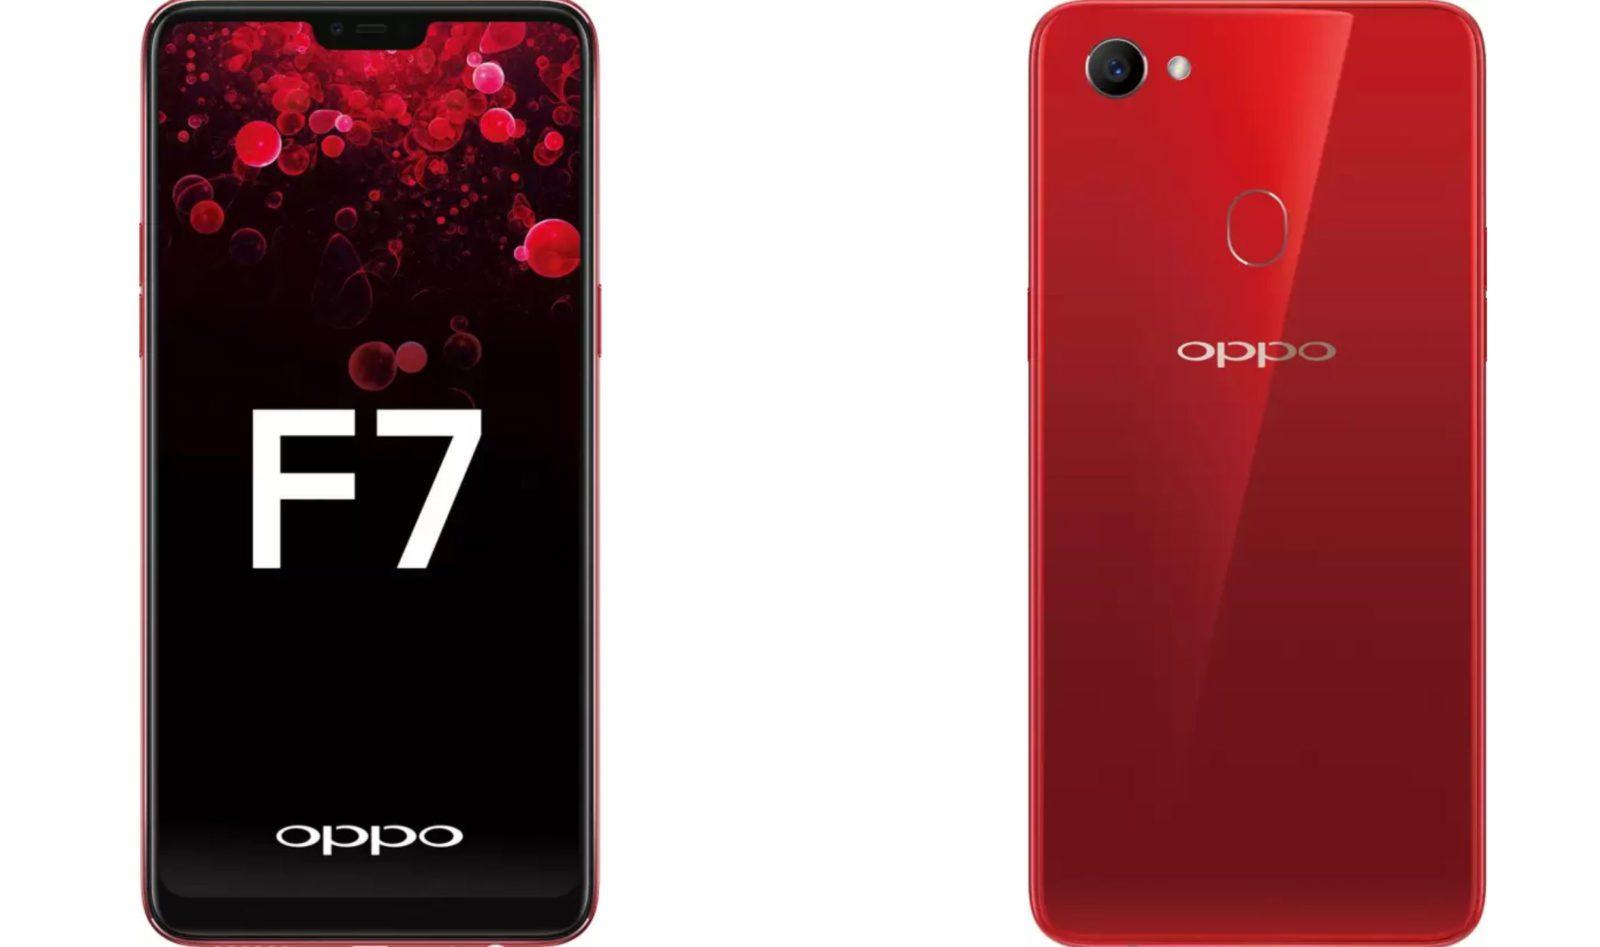 تعرف على أحدث أسعار هواتف Oppo المتوفرة في السوق المصري بأقل من 6000 جنيه